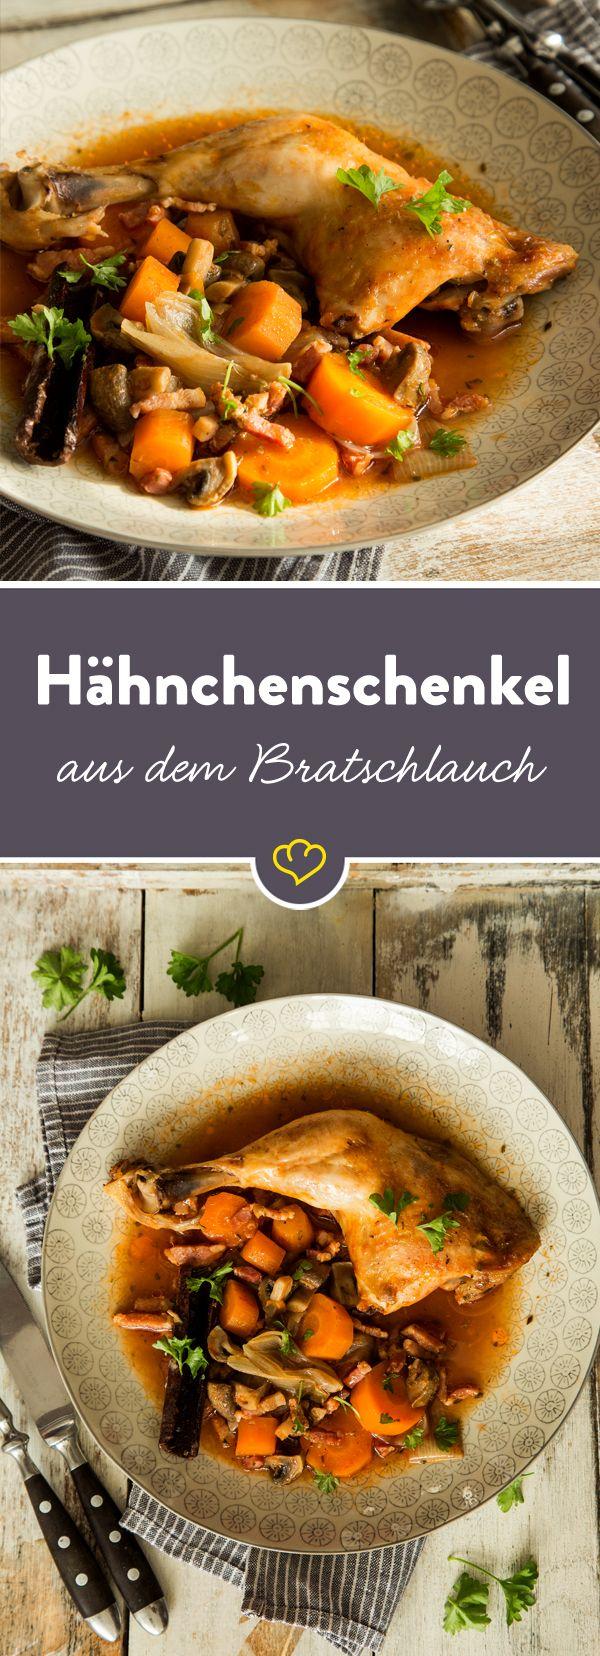 Wie zarte Hähnchenschenkel besonders saftig werden? Im Ofen und dem altbekannten Bratschlauch natürlich. Zusammen mit viel buntem Gemüse und würzigenr Sauce.